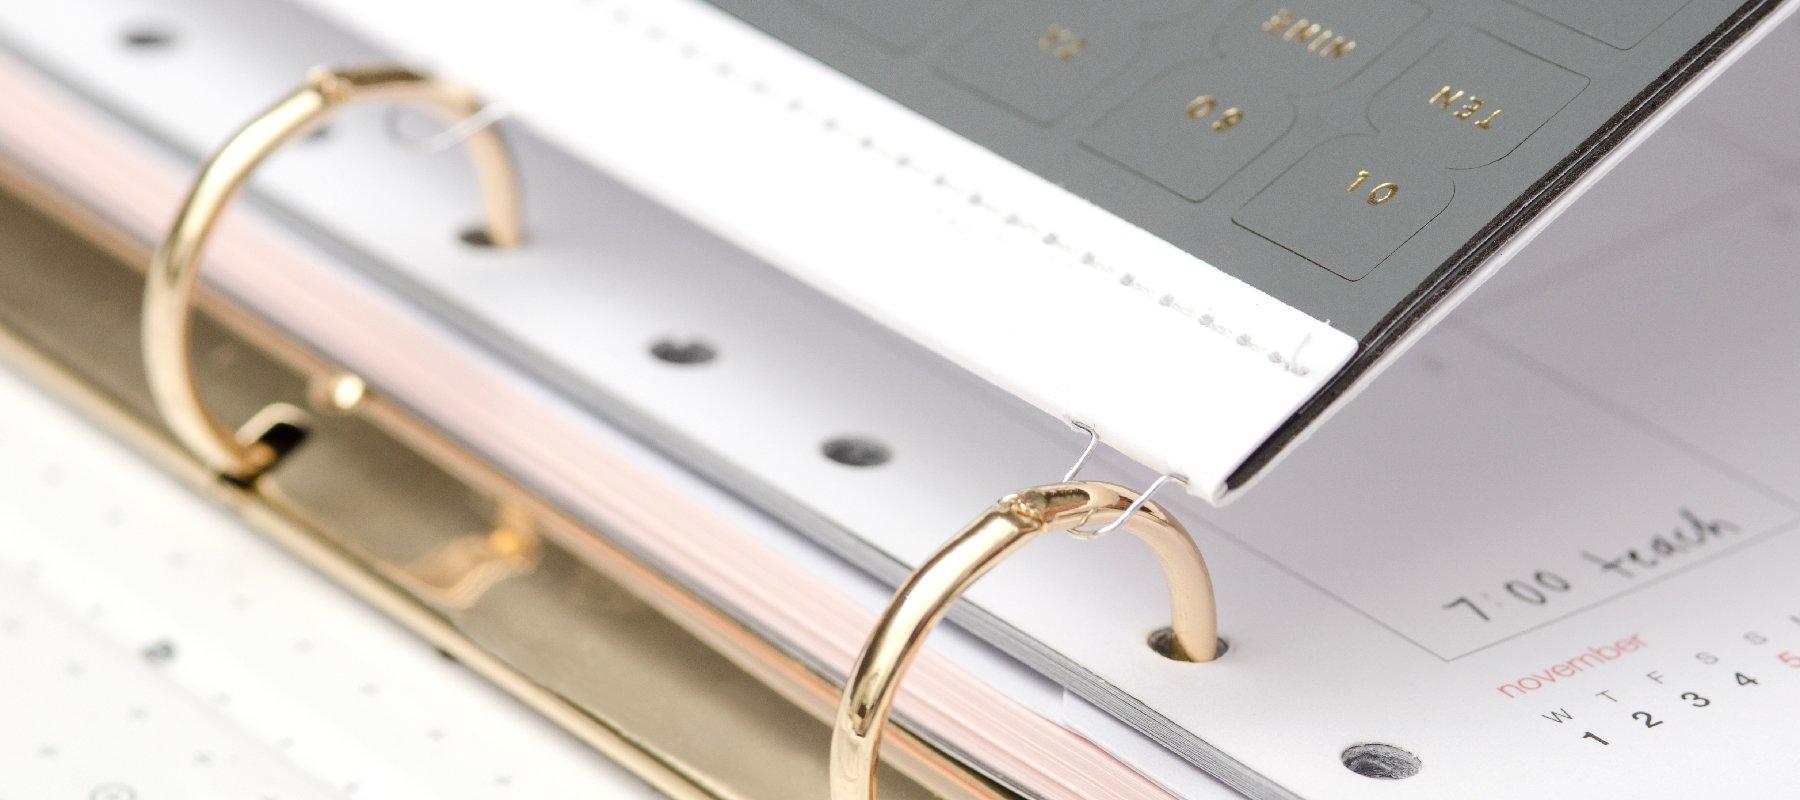 Mini 3 Ring Binder Inserts + Accessories - russell+hazel